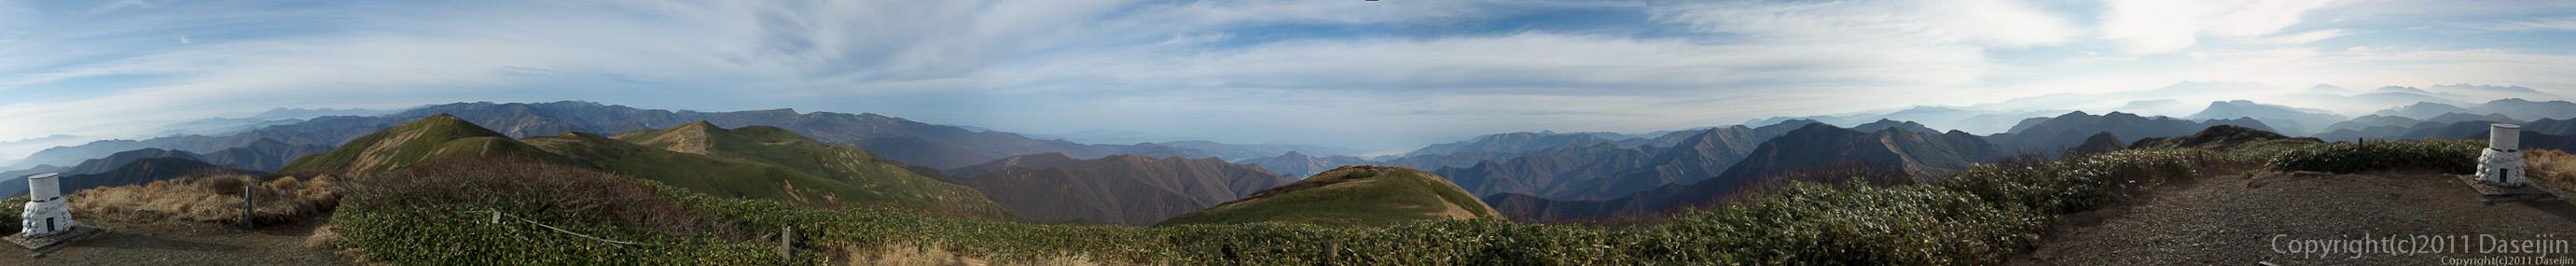 111105谷川岳・仙ノ倉山のパノラマ